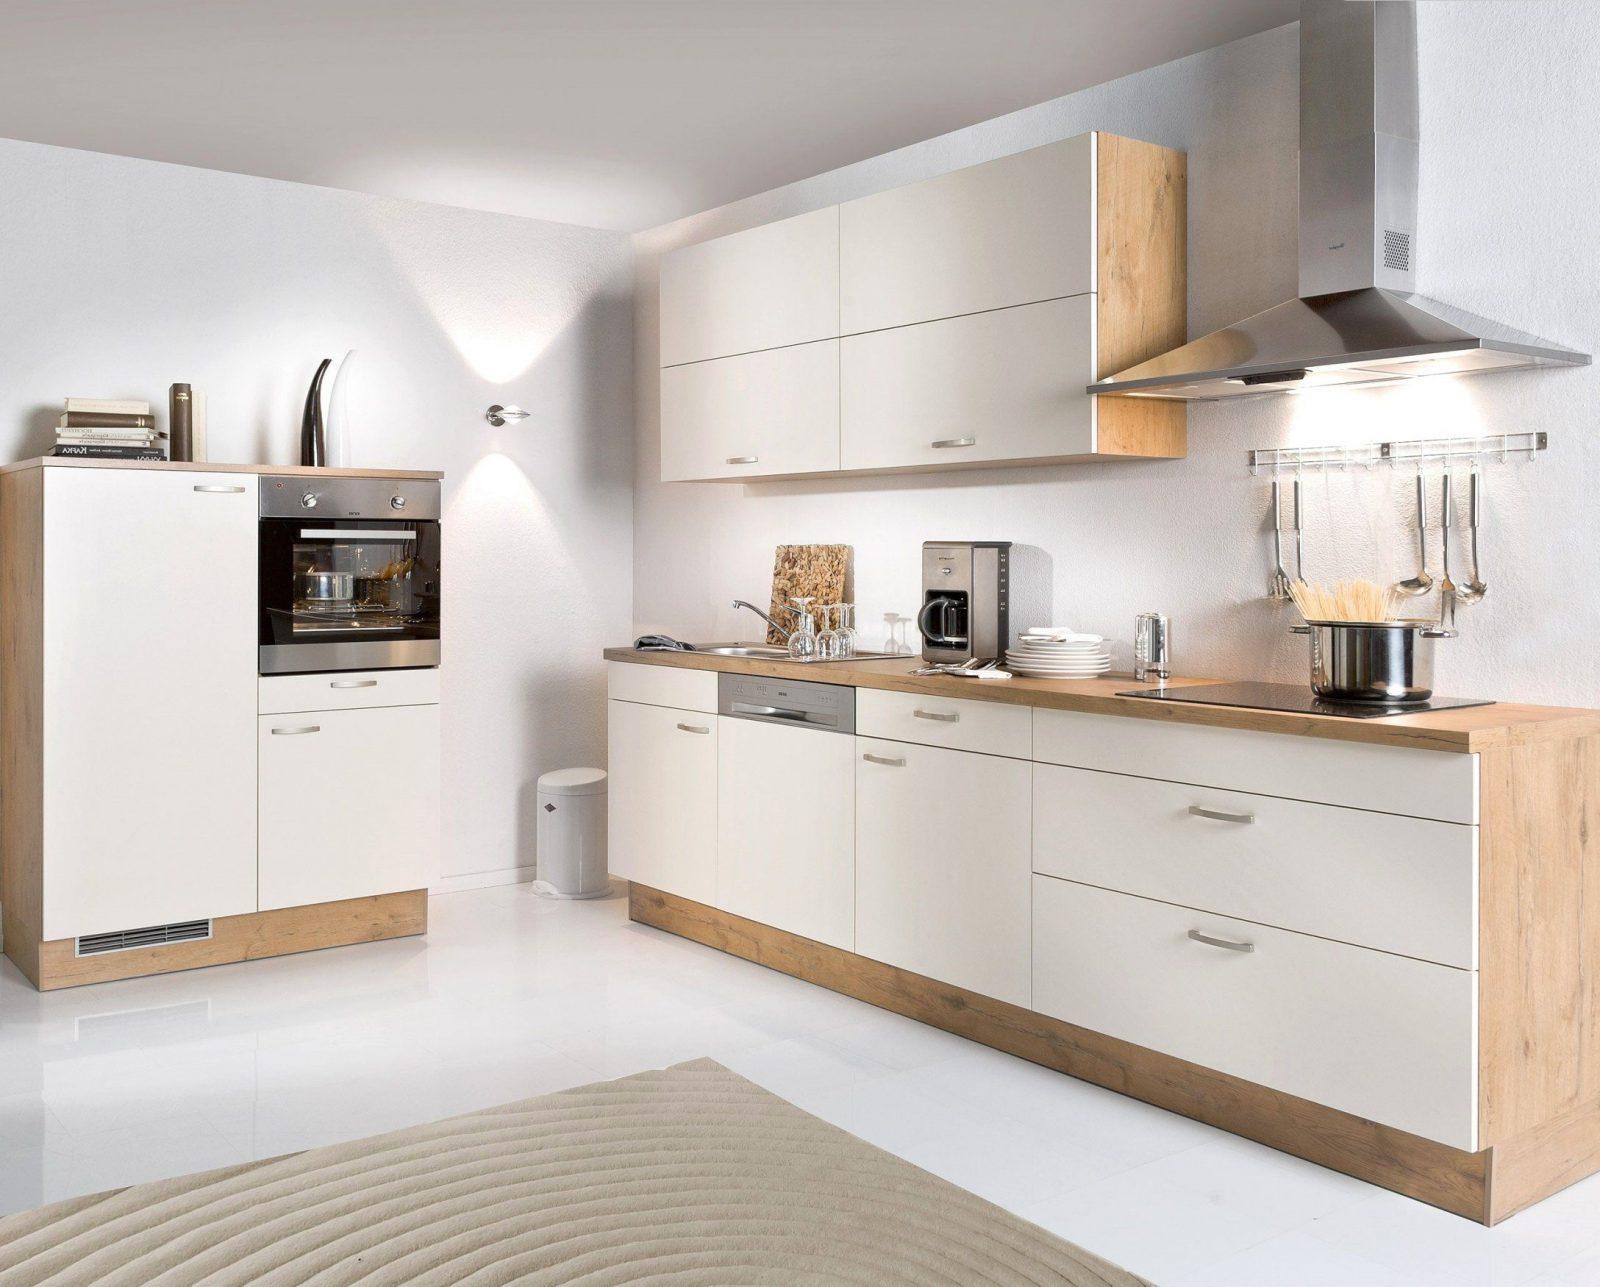 sch ne gebrauchte kuche kaufen k chen gebraucht neues zuhause 2018 von k chen g nstig kaufen. Black Bedroom Furniture Sets. Home Design Ideas